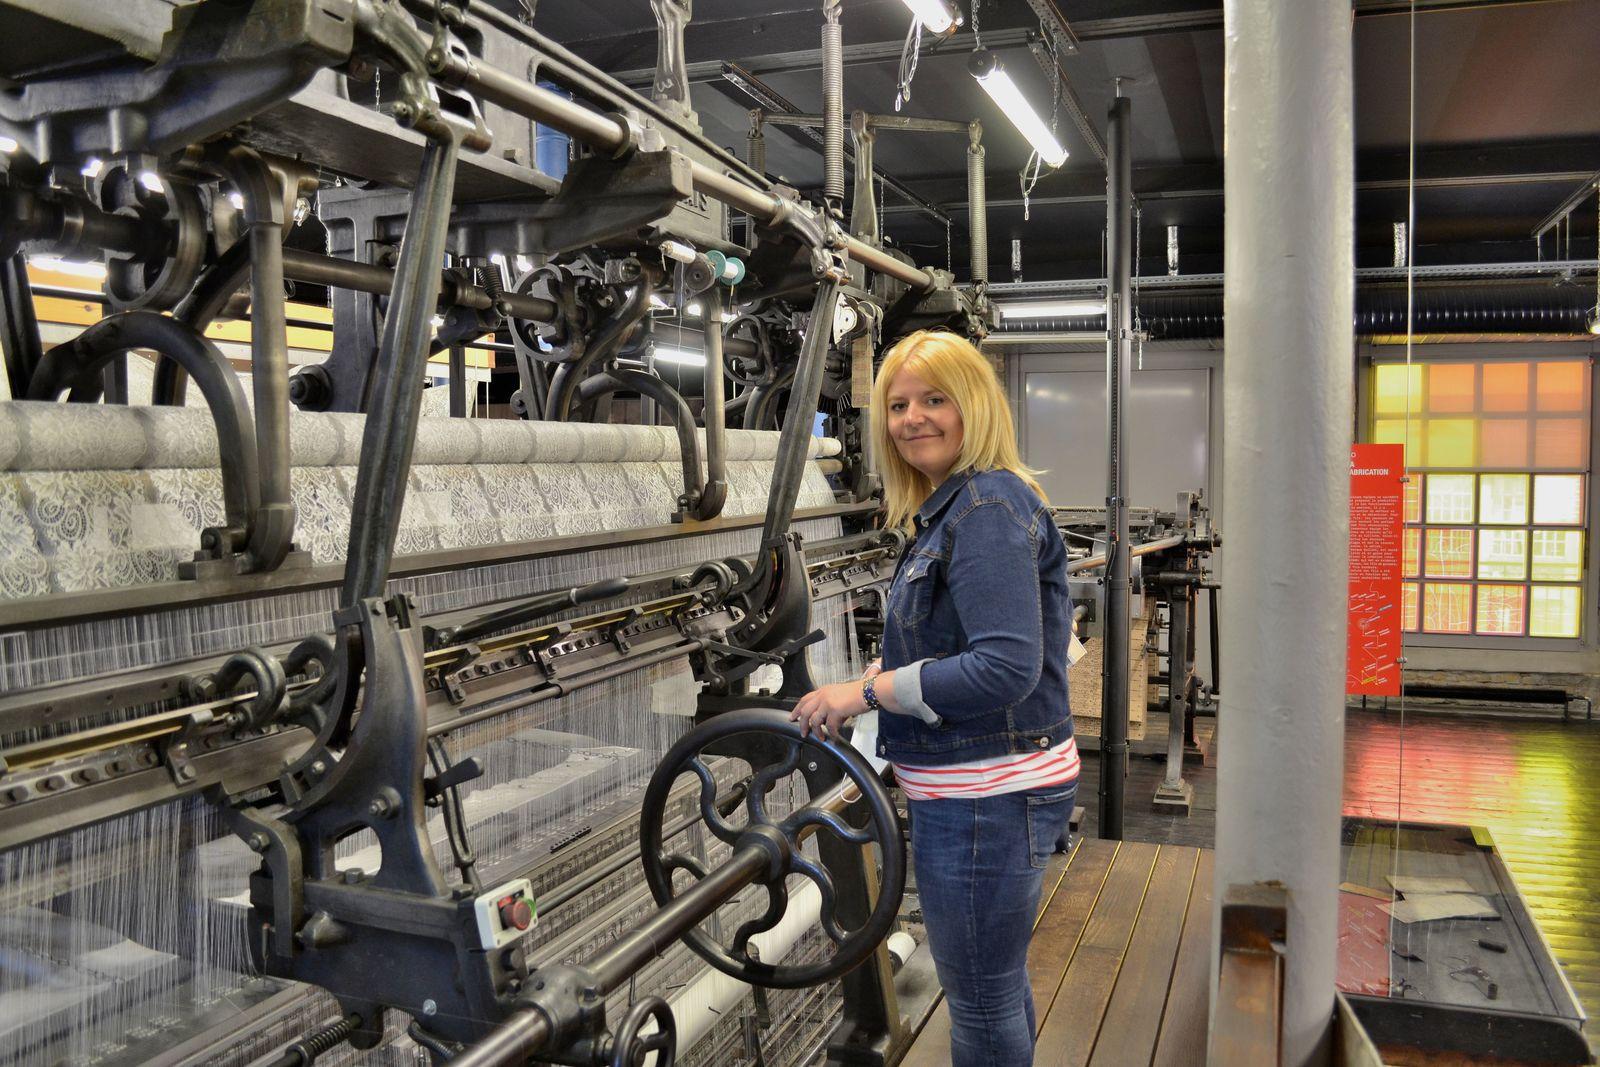 Sur la photo ci-dessus, en train de manipuler une machine Leavers (pour de faux, bien sûr!).